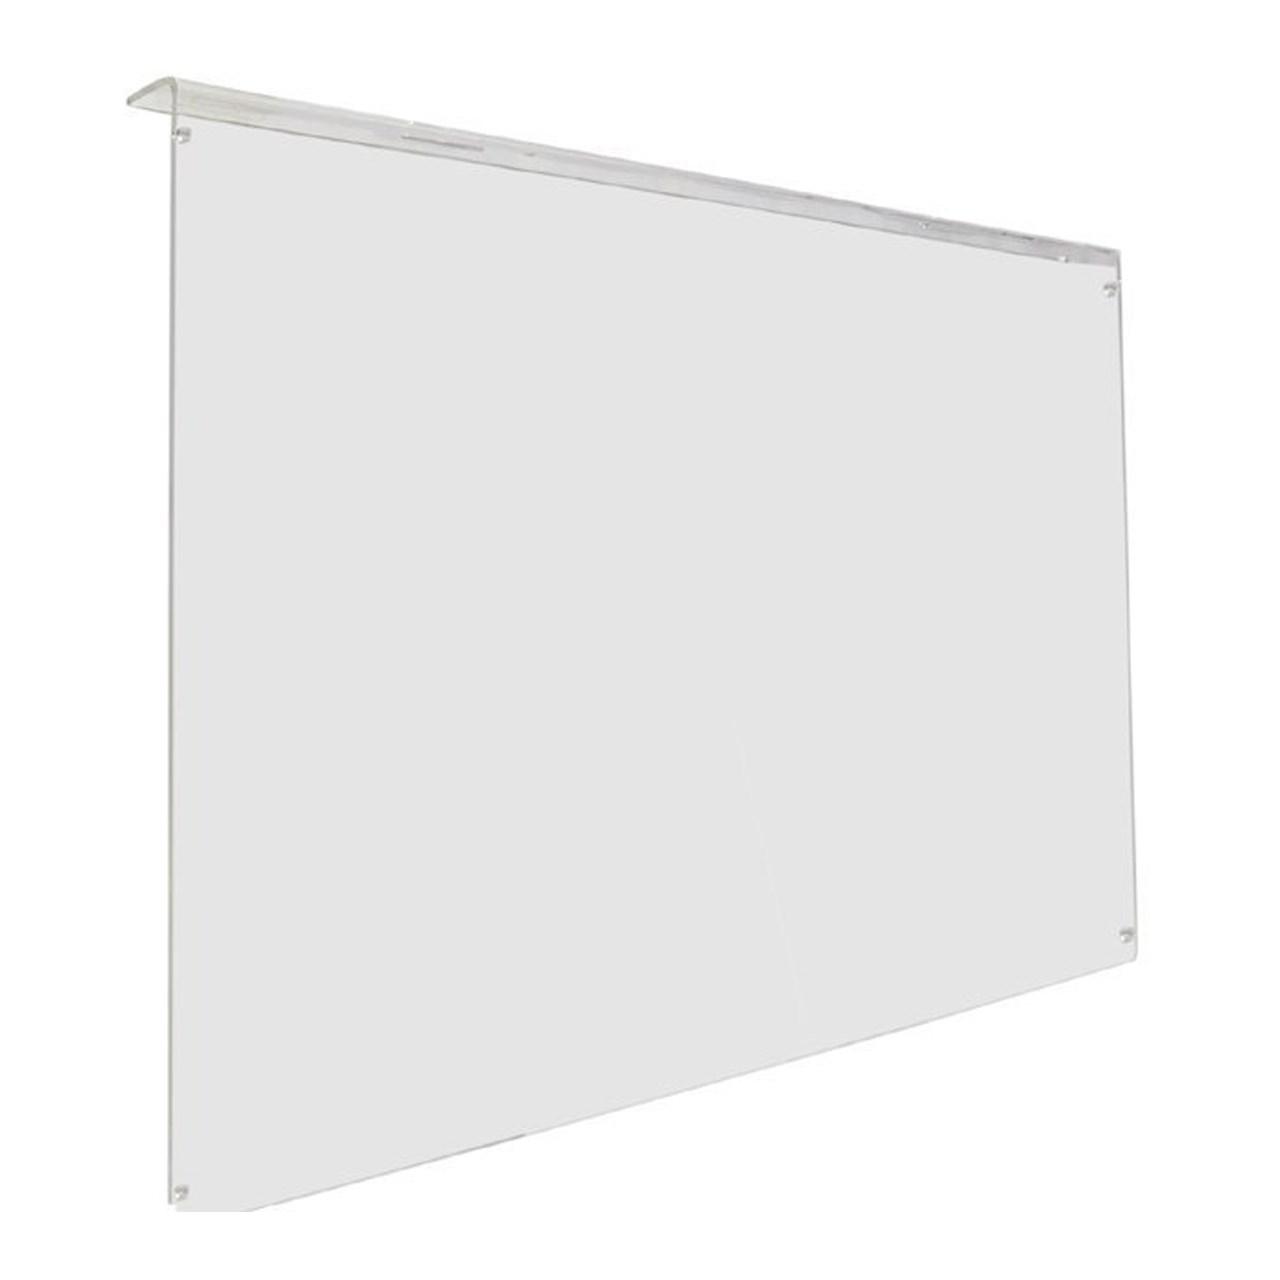 محافظ صفحه نمایش وروان مناسب برای تلویزیون ۵۵ اینچ